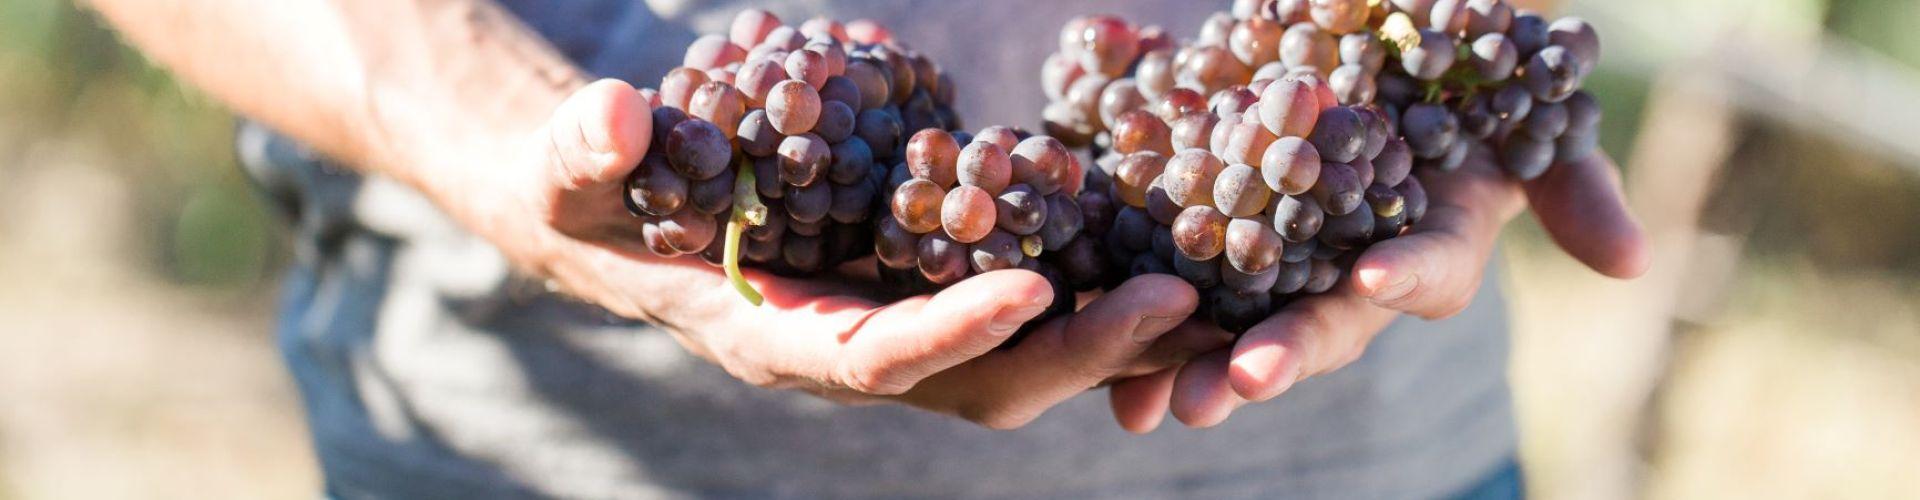 fall wine festival weekend in osoyoos